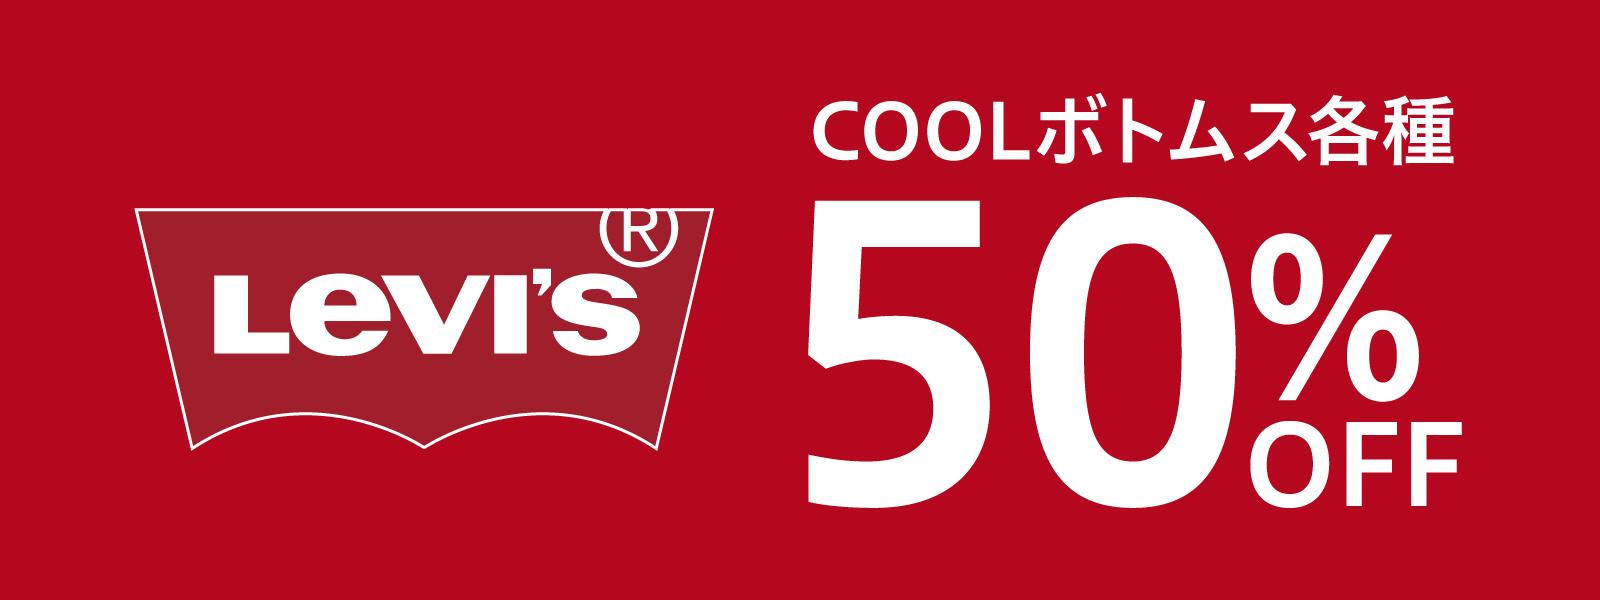 LEVI'S COOL 50%OFF!!